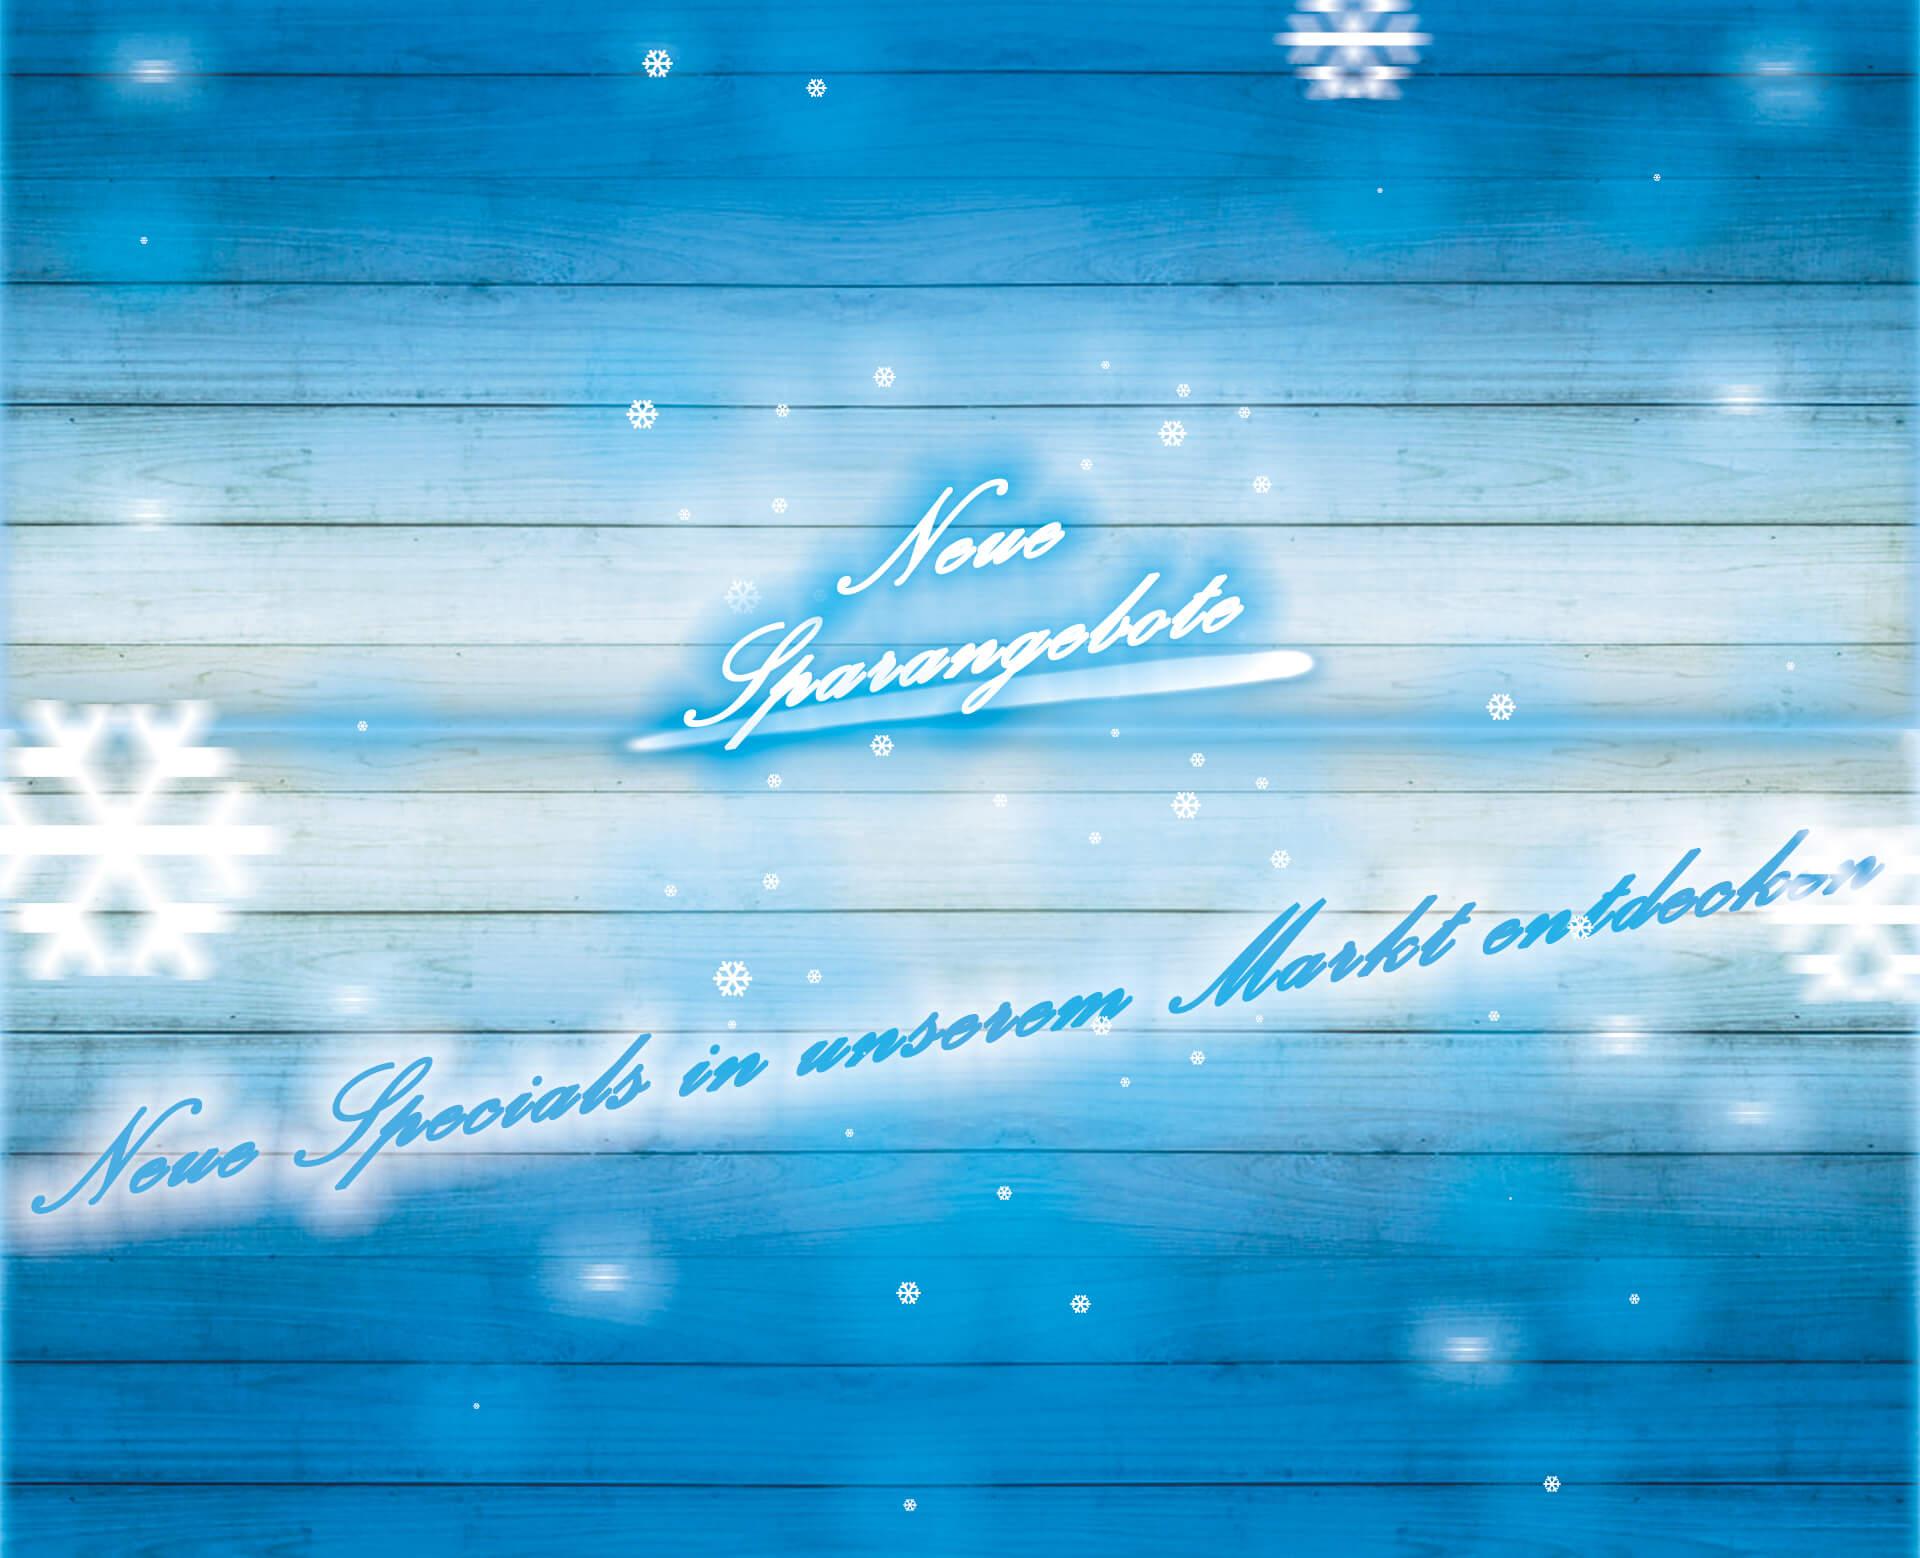 Da Tenace - Winterangebote Banner